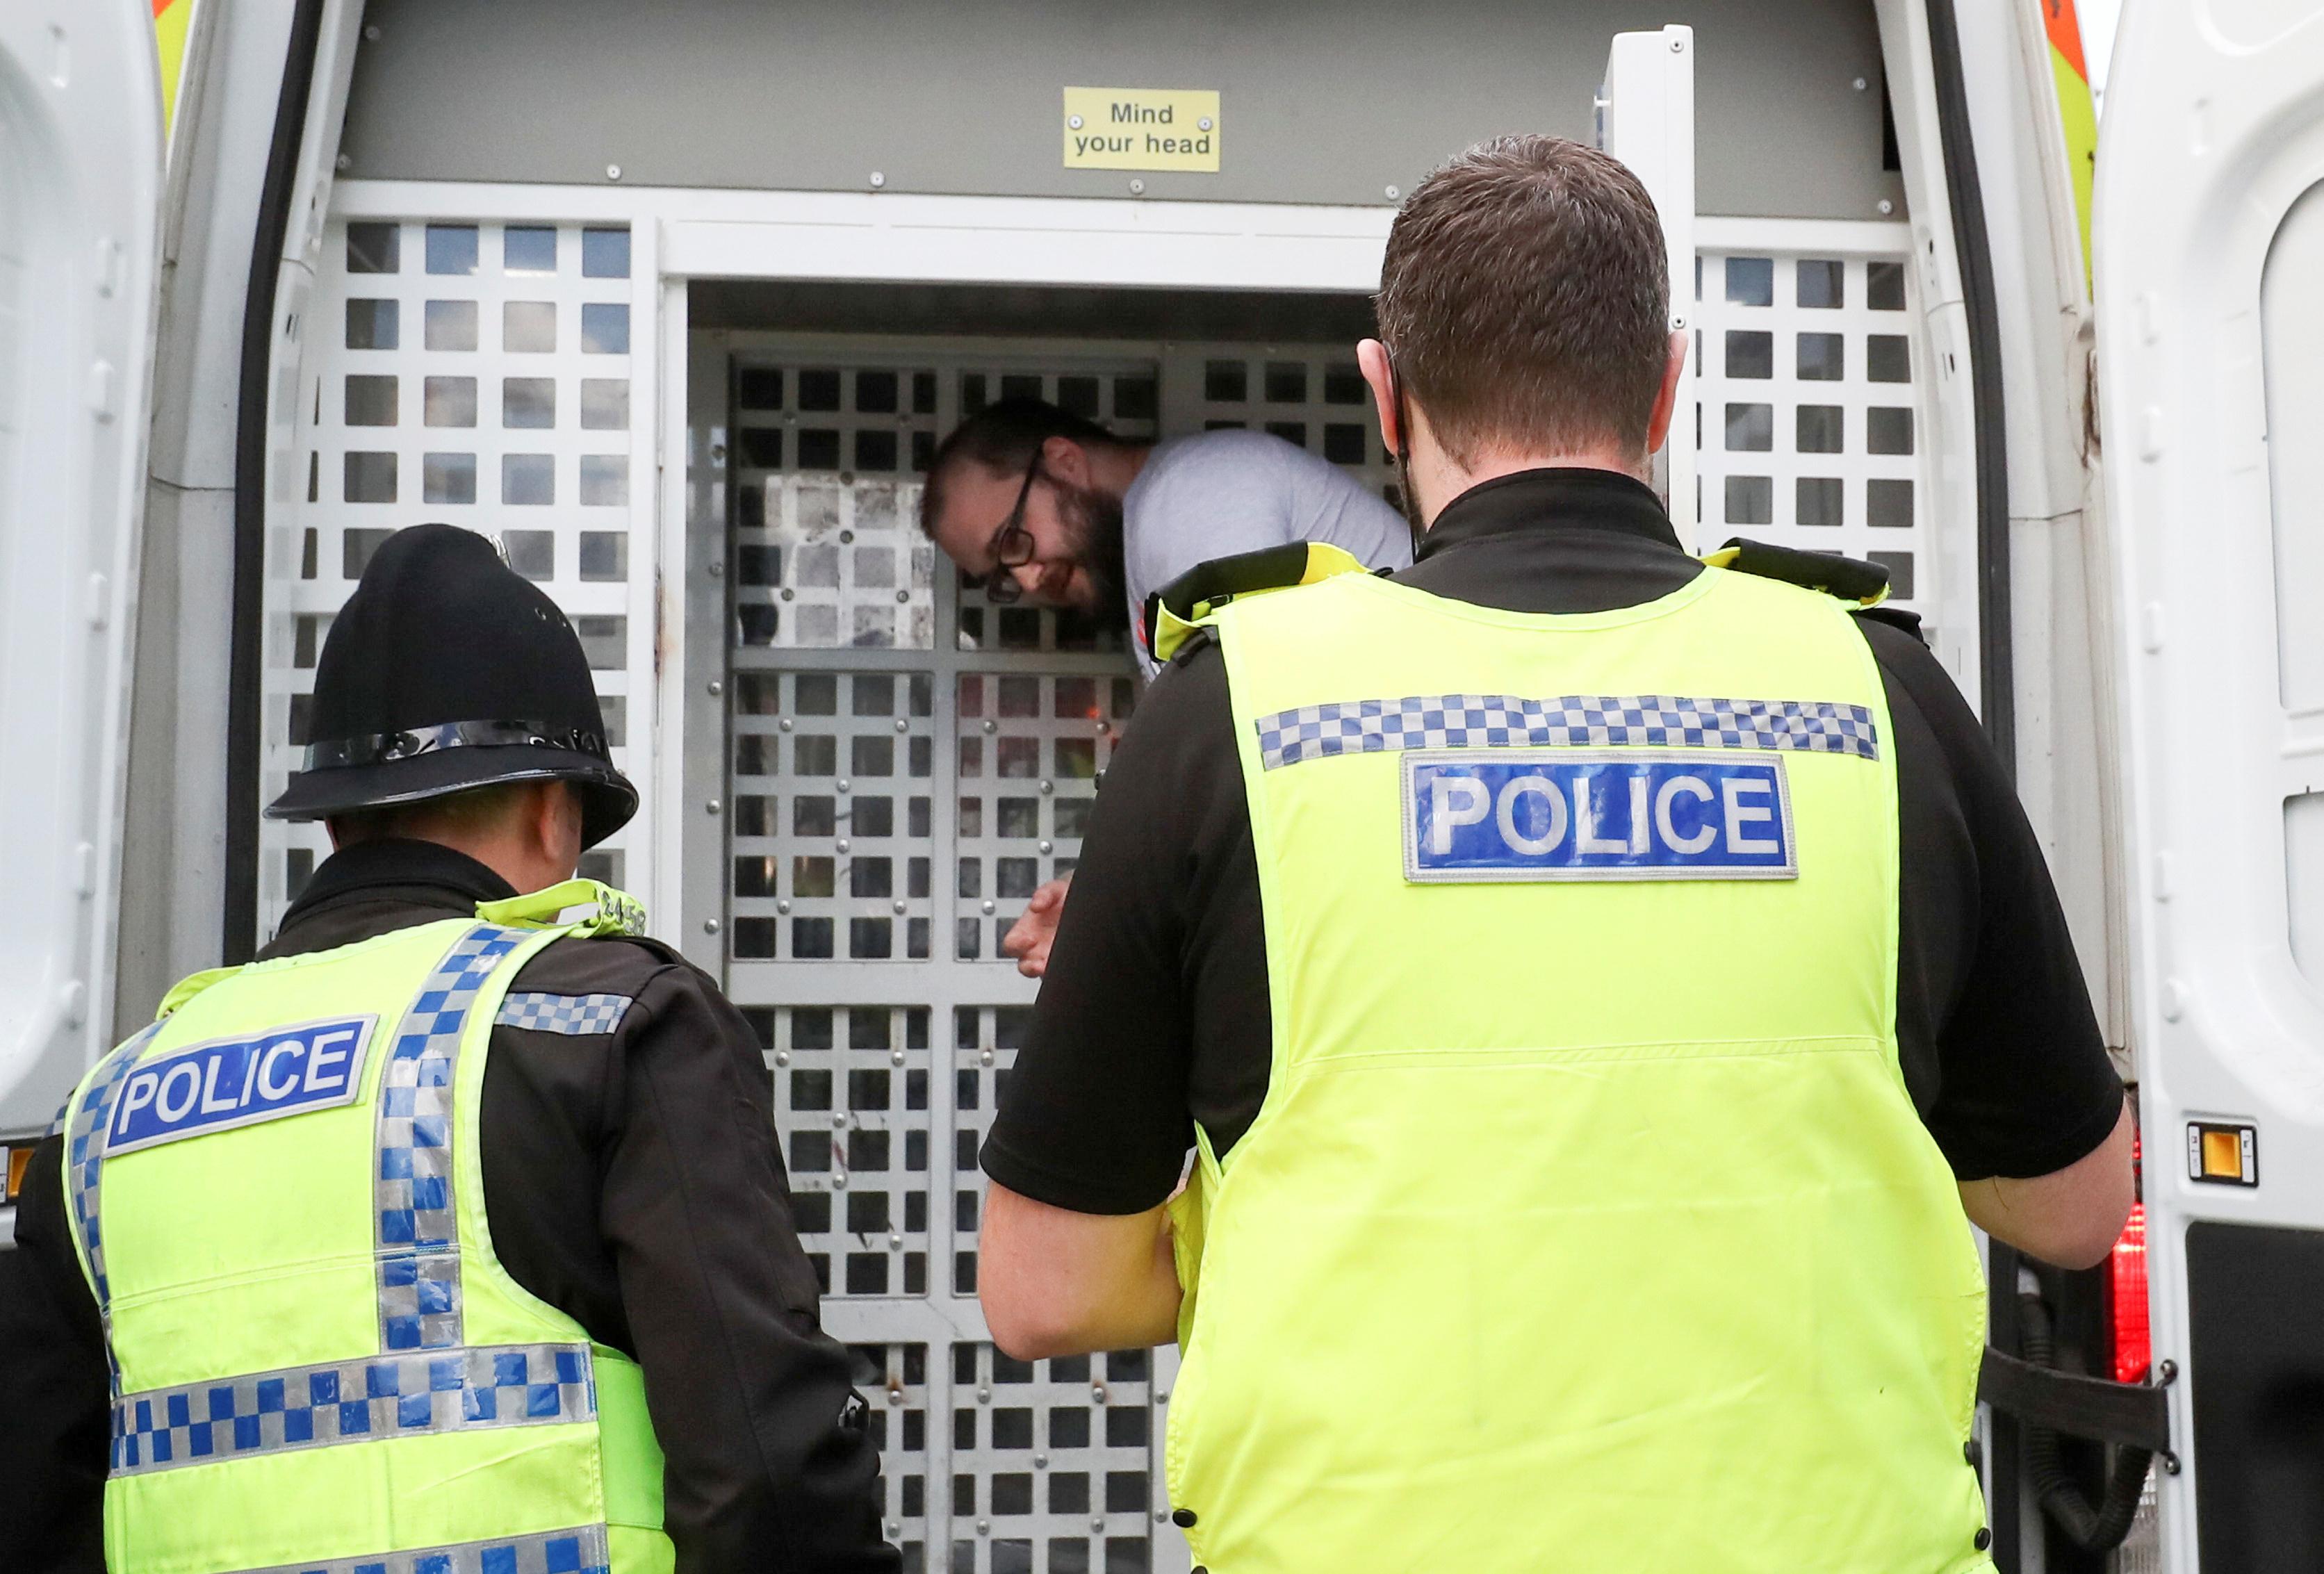 قوات الأمن البريطانية